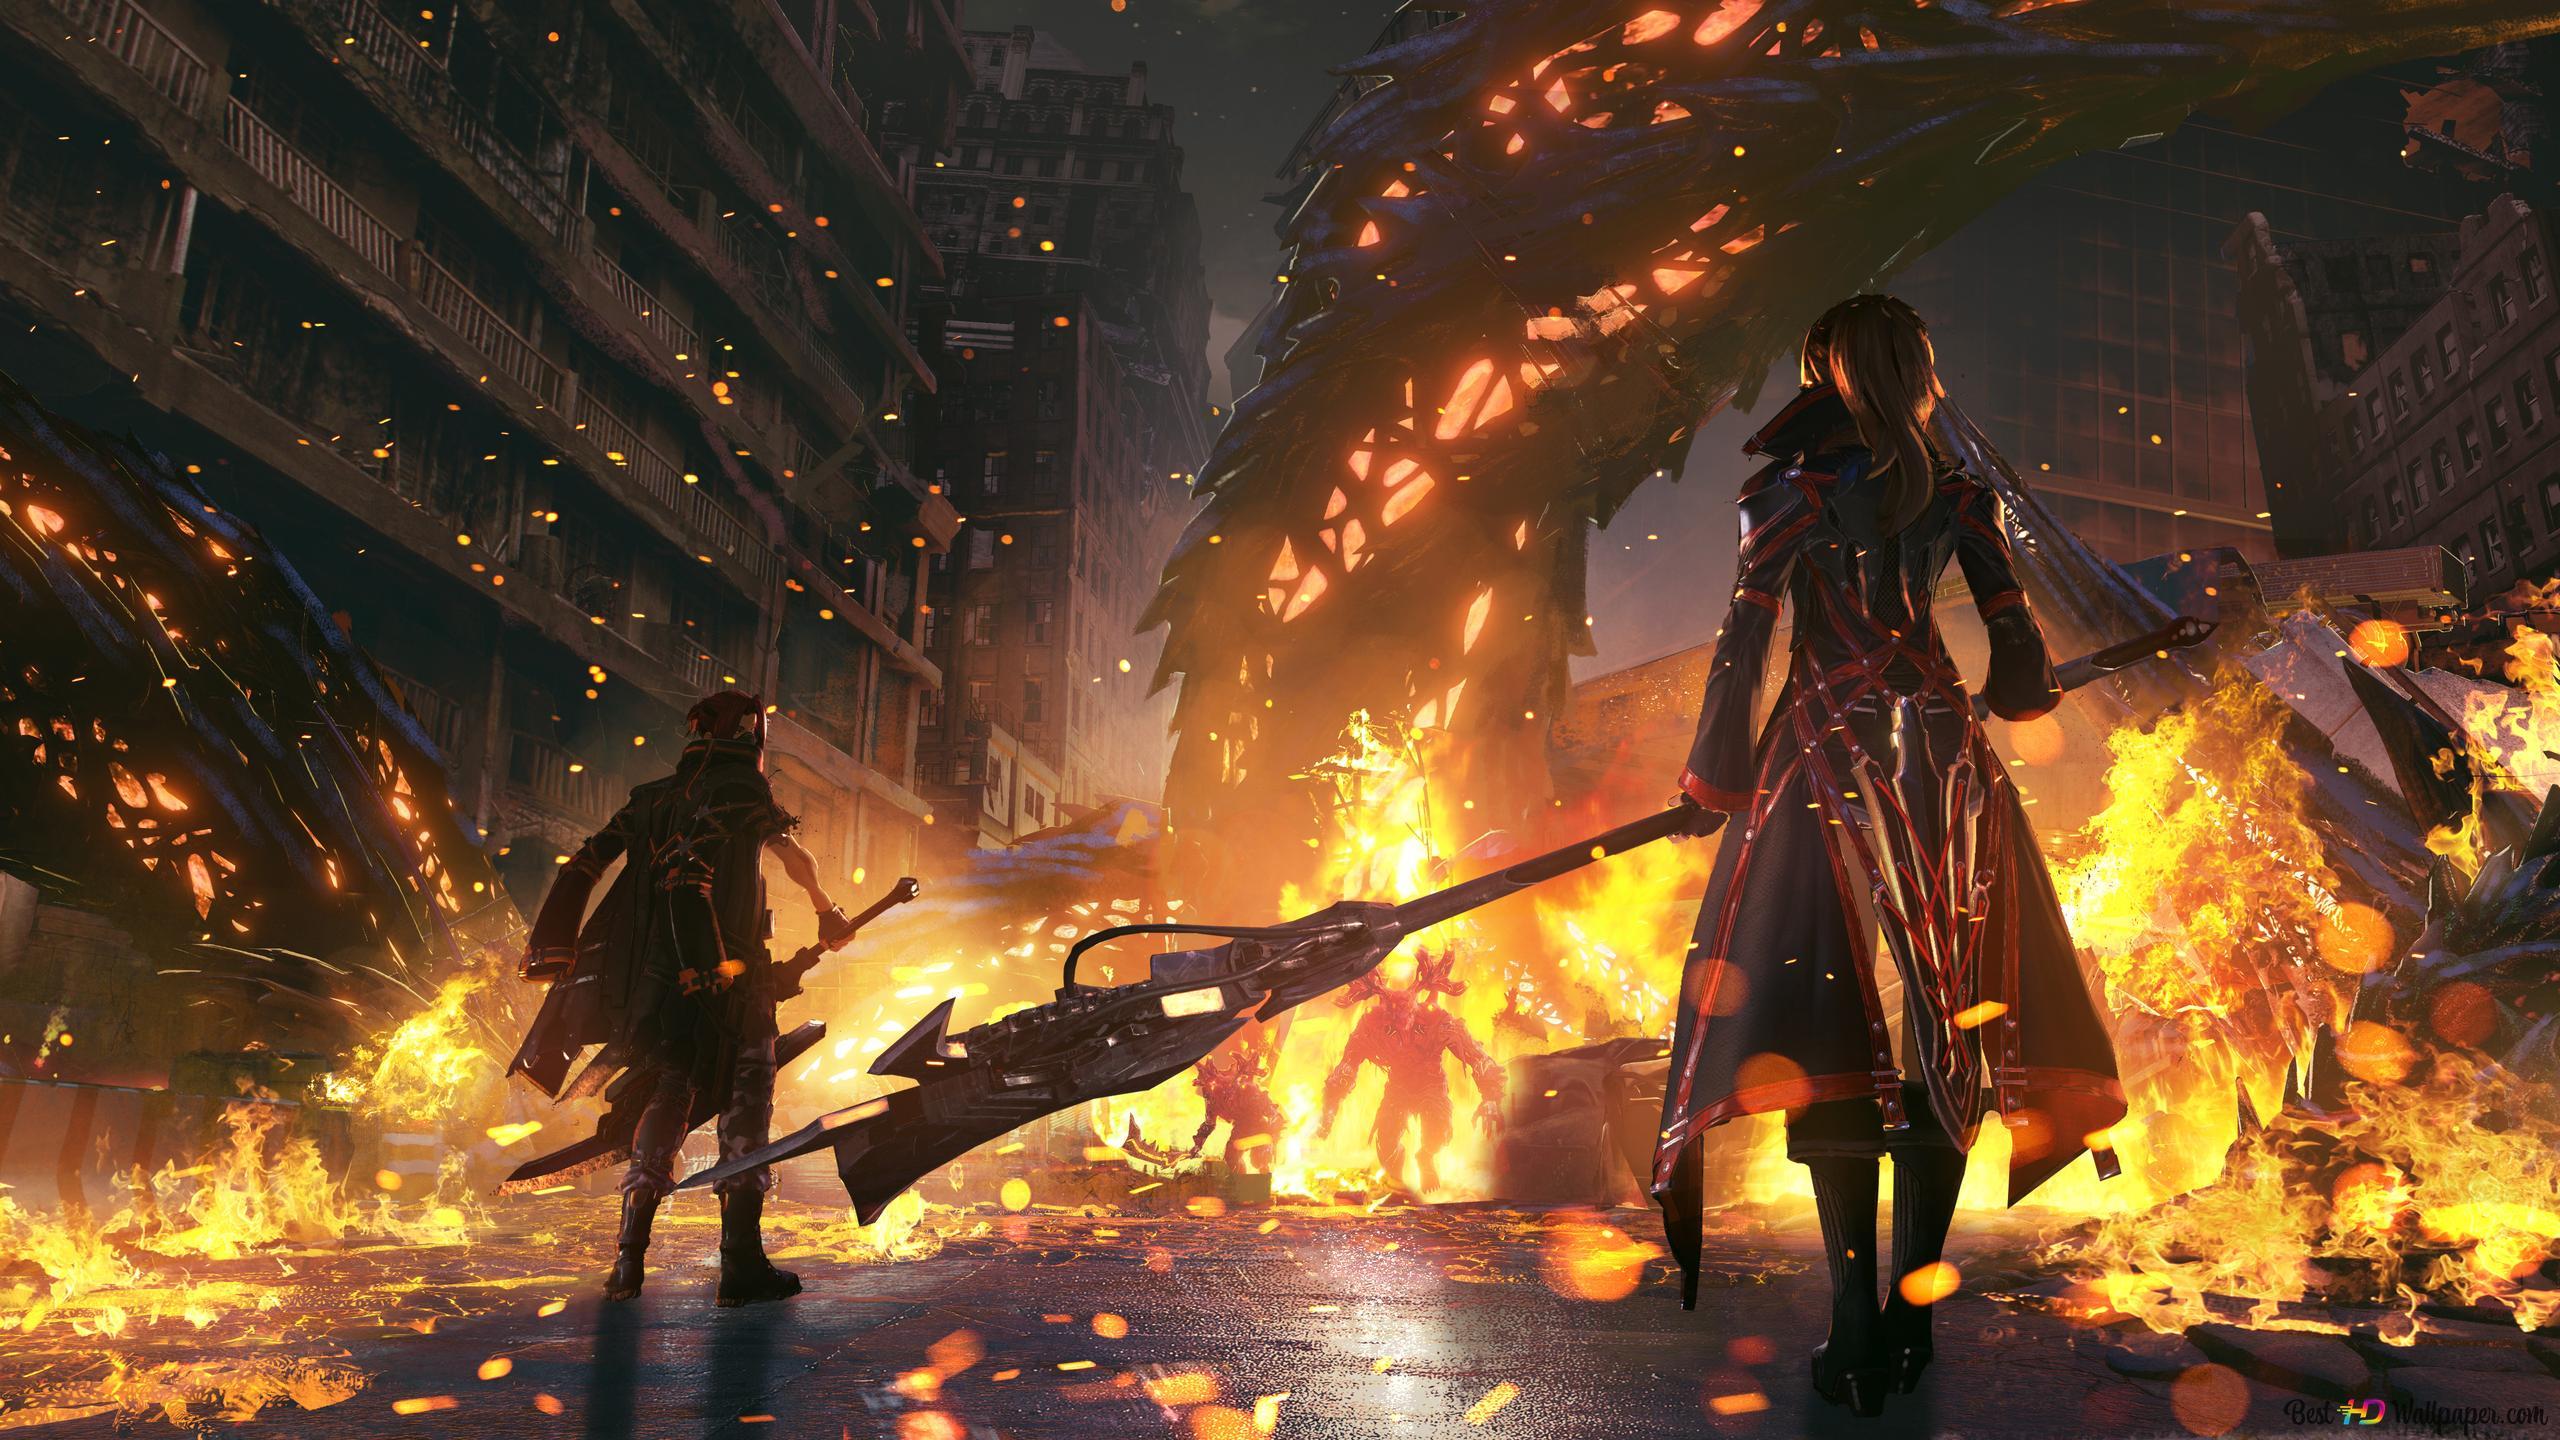 Code Vein 2019 City In Fire Hd Wallpaper Download